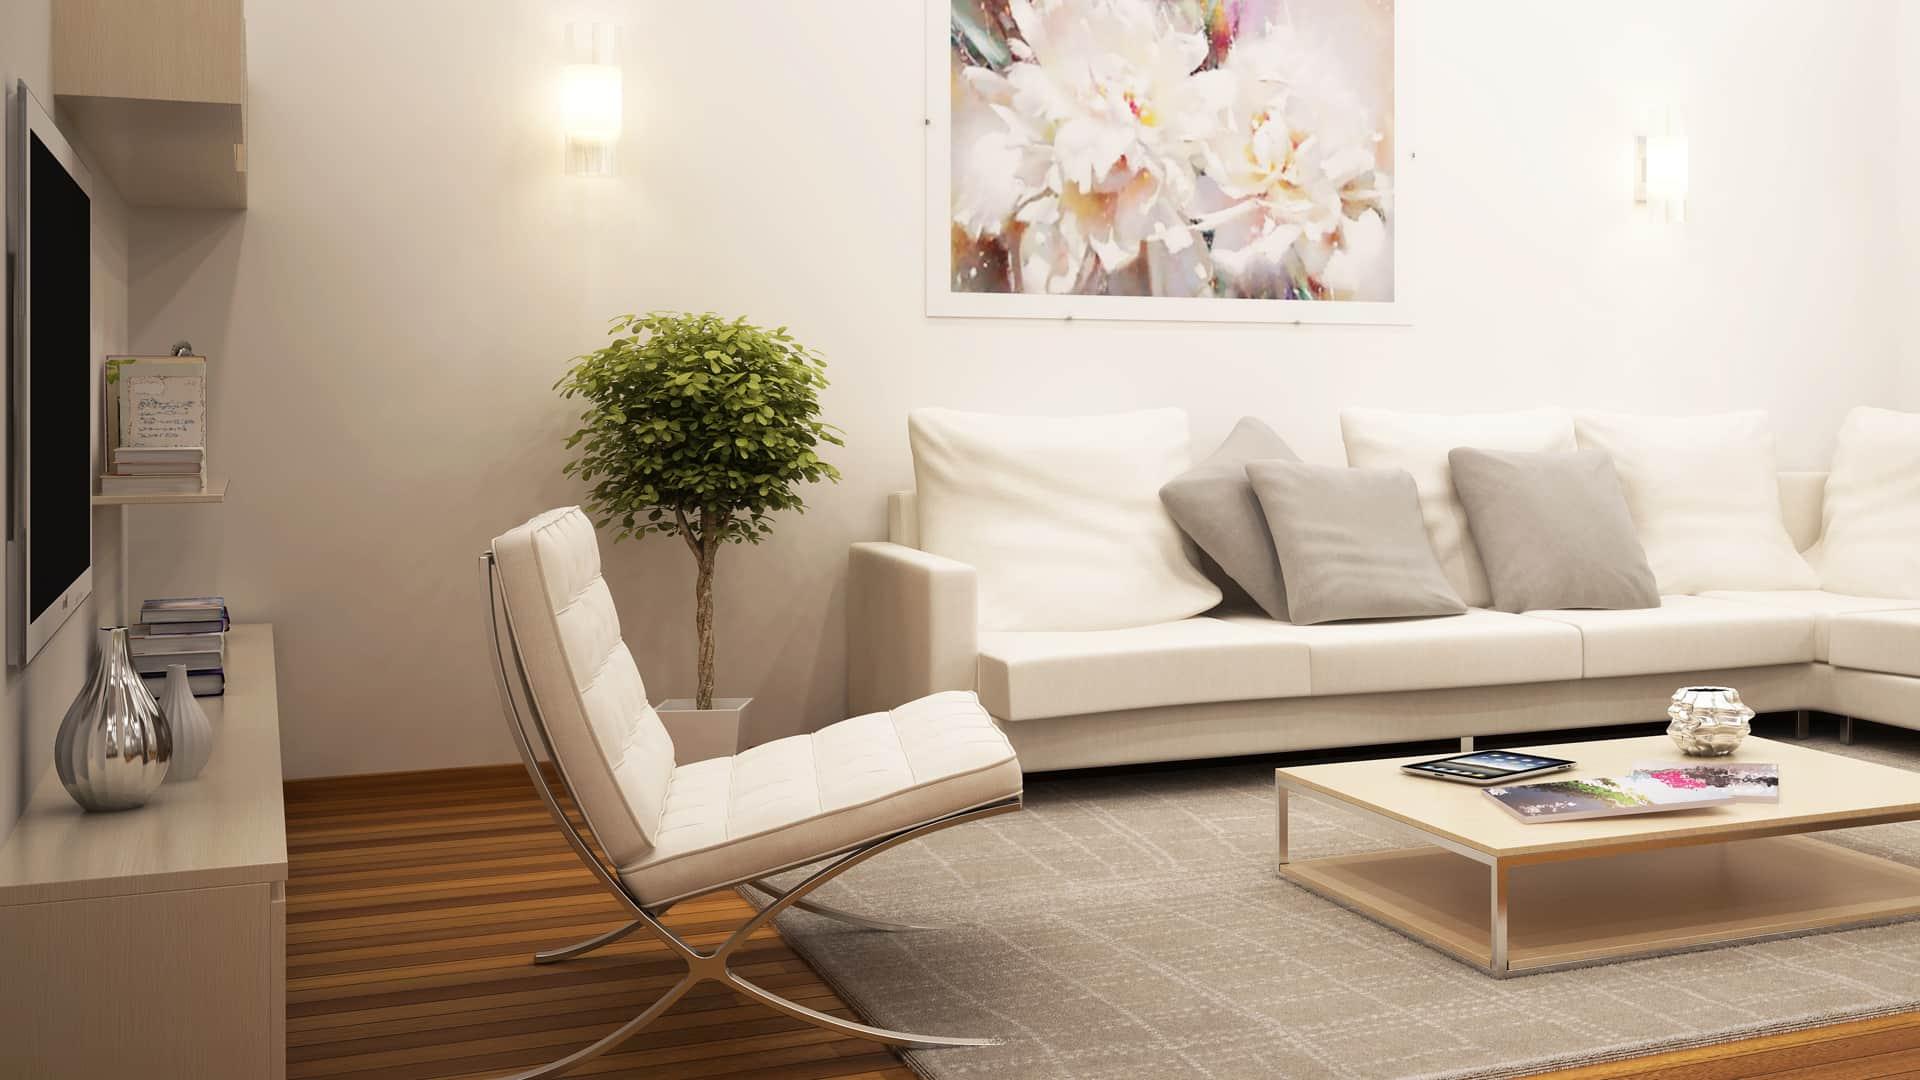 keller bauen ja oder nein eine entscheidungshilfe. Black Bedroom Furniture Sets. Home Design Ideas